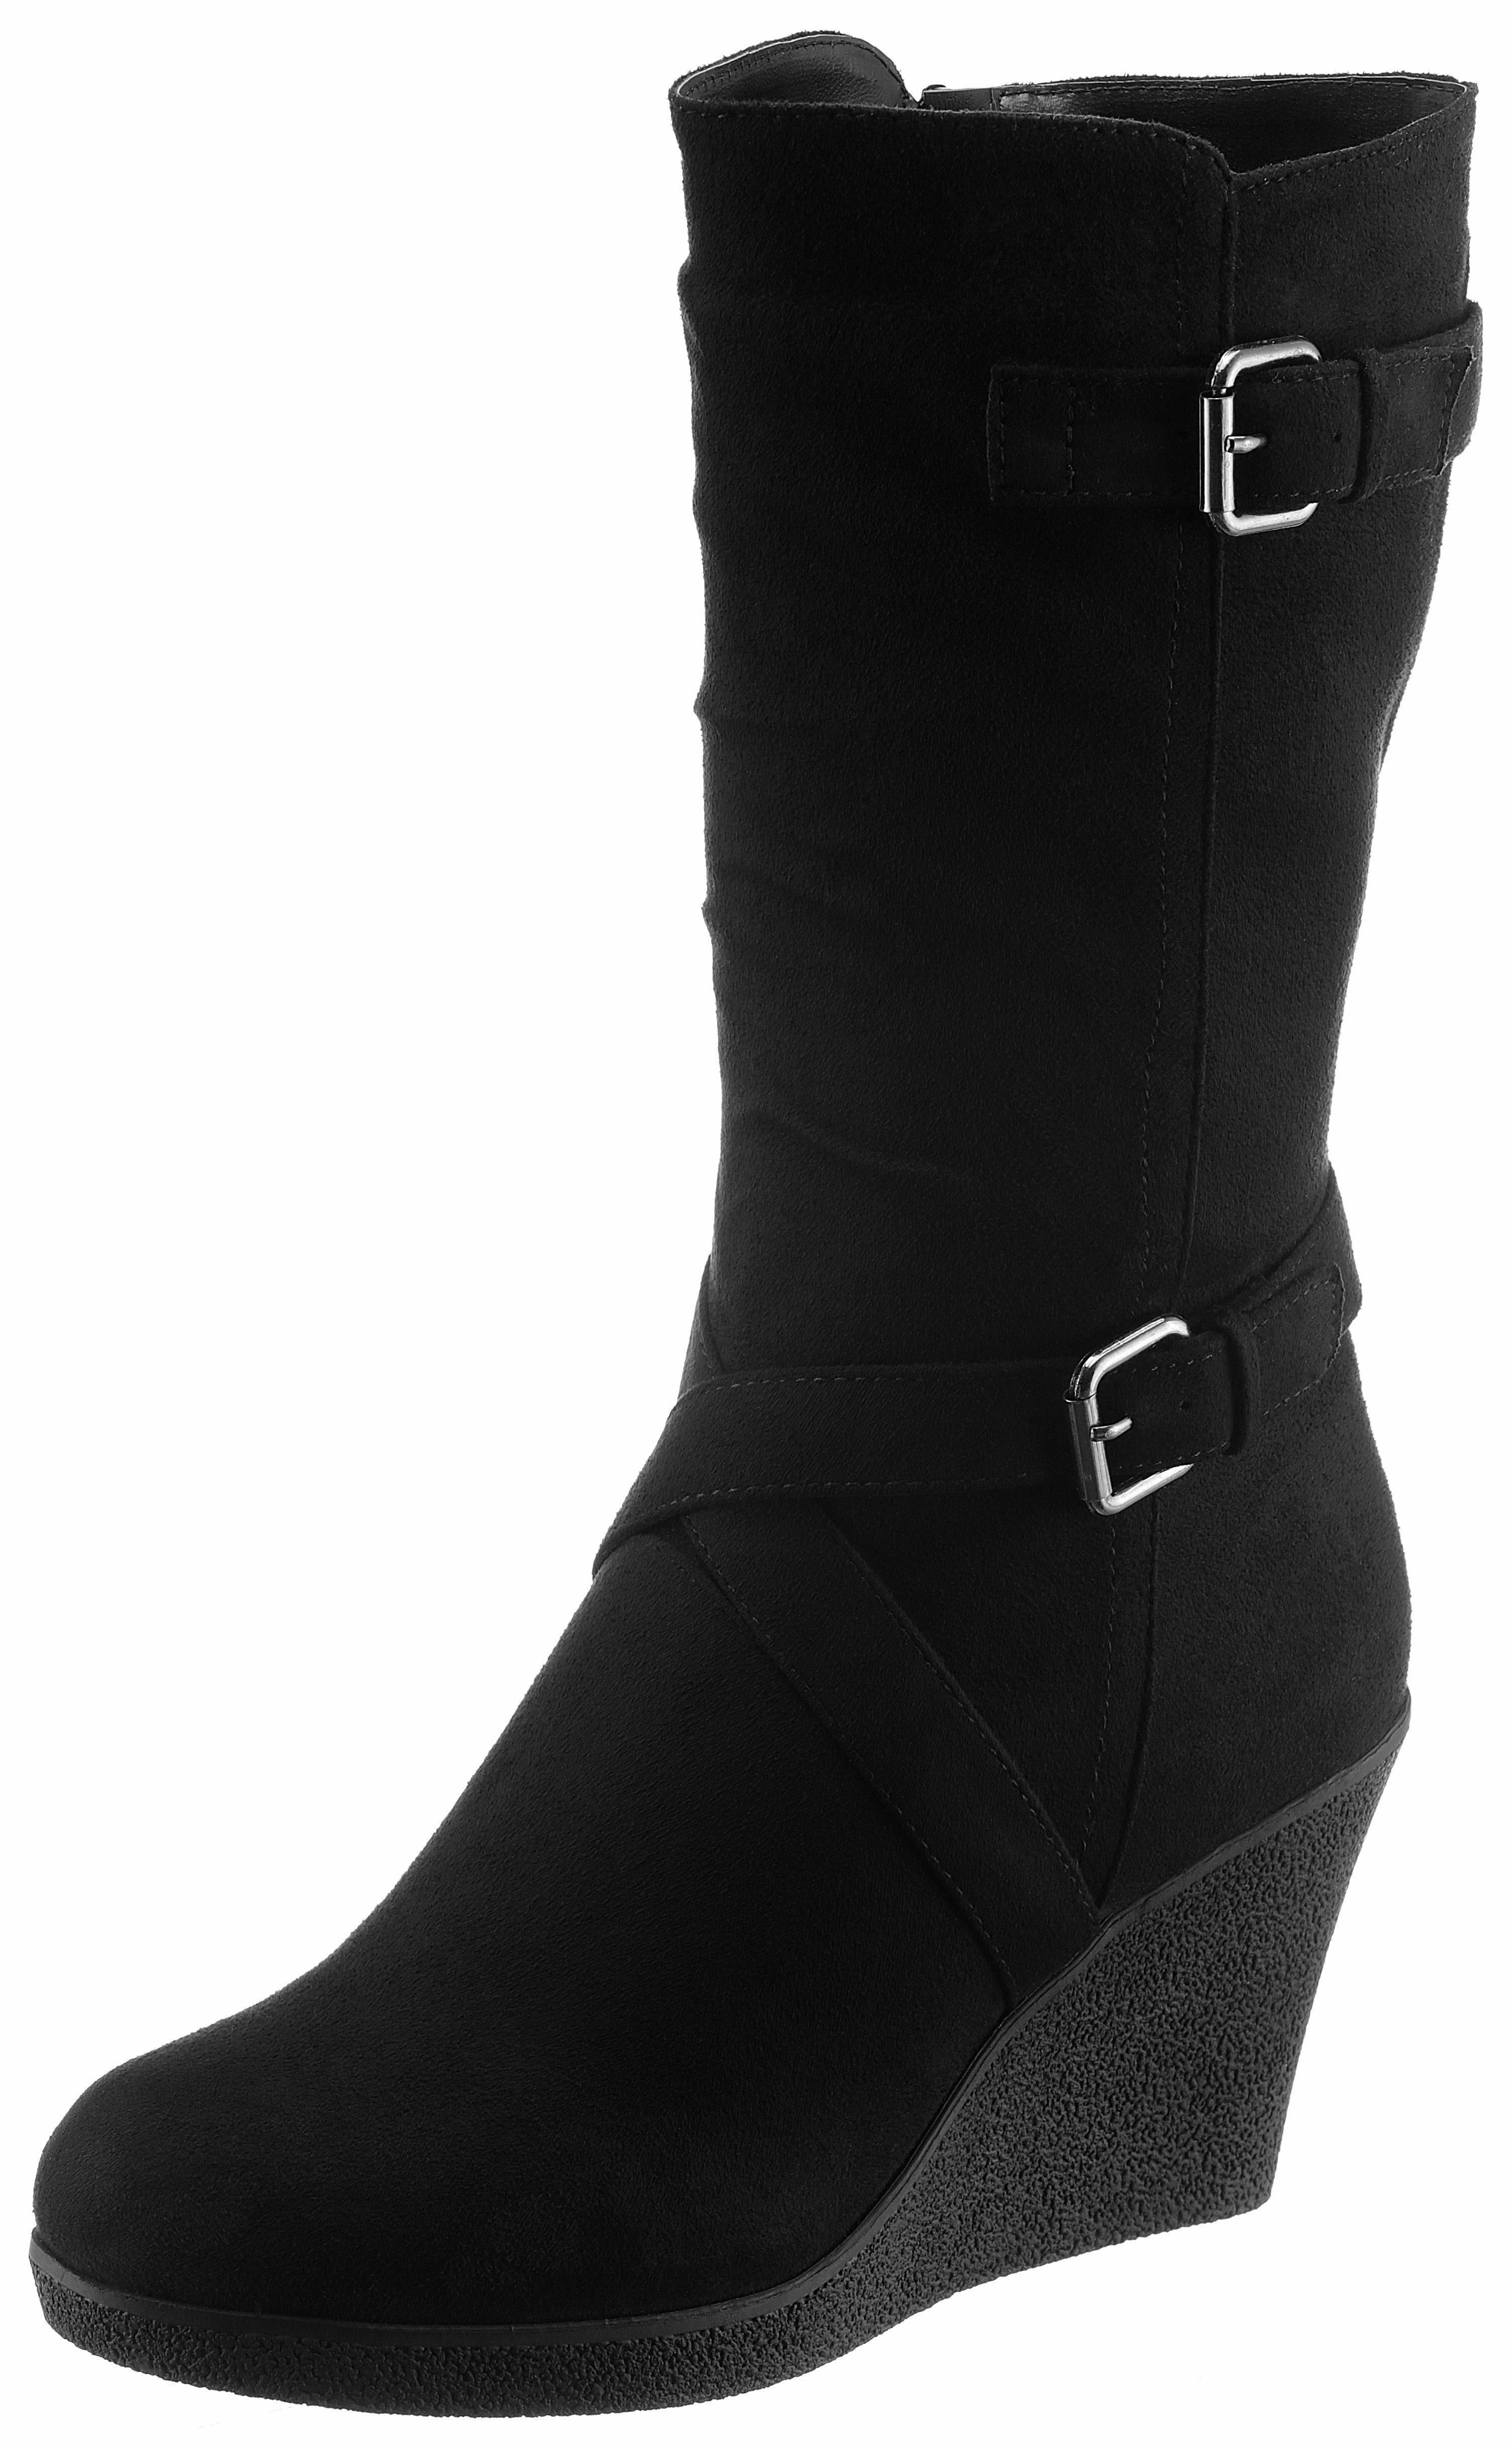 CITY WALK Stiefel, in angesagter, runder Form, schwarz, 38 38